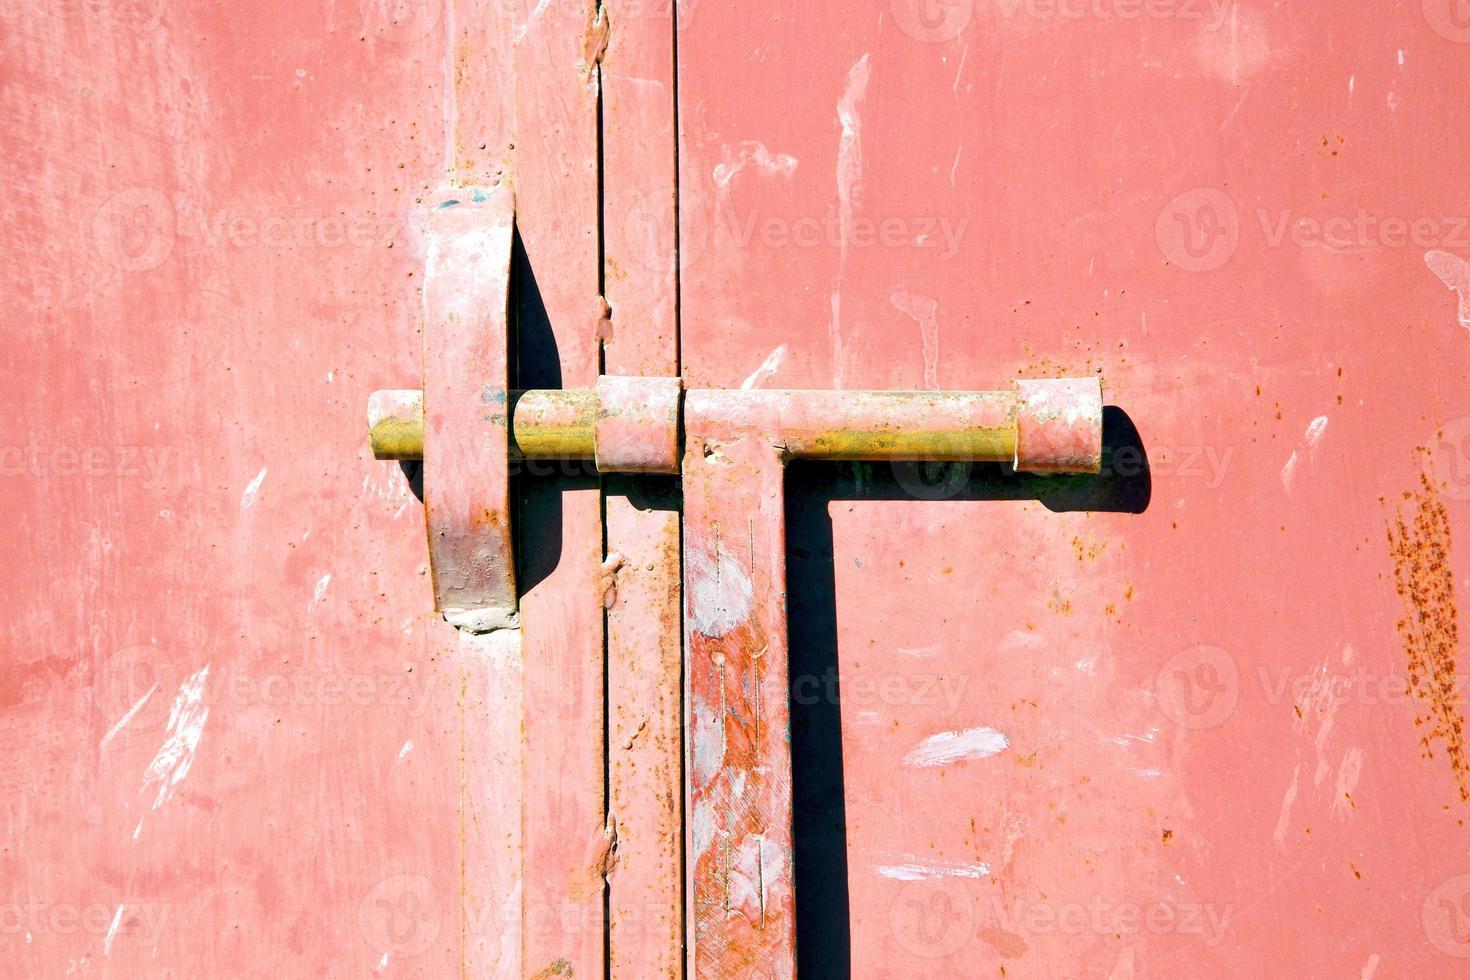 rot in afrika die alte holzfassade nach hause und foto